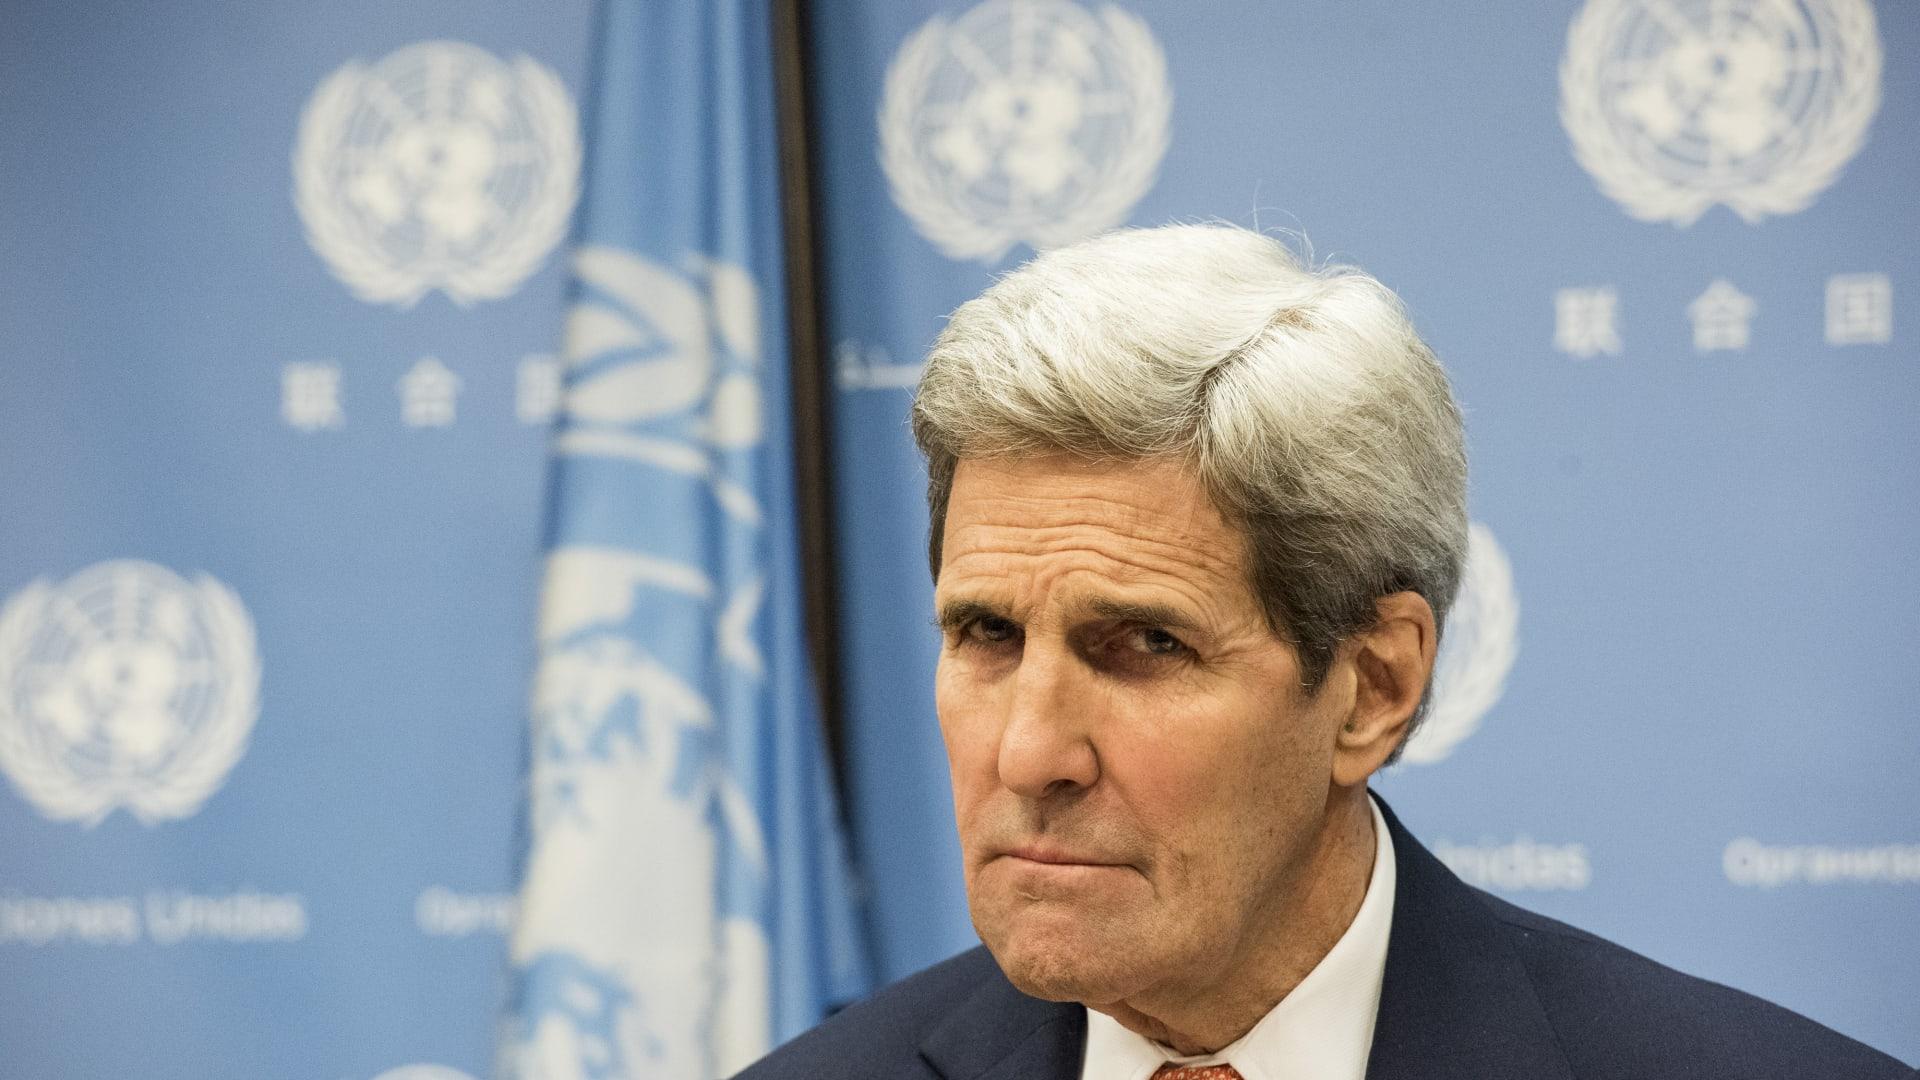 كيري ينفي تهديده للمعارضة السورية لحضور محادثات جنيف.. وخوجة: أمريكا تتبع نهج روسيا وإيران